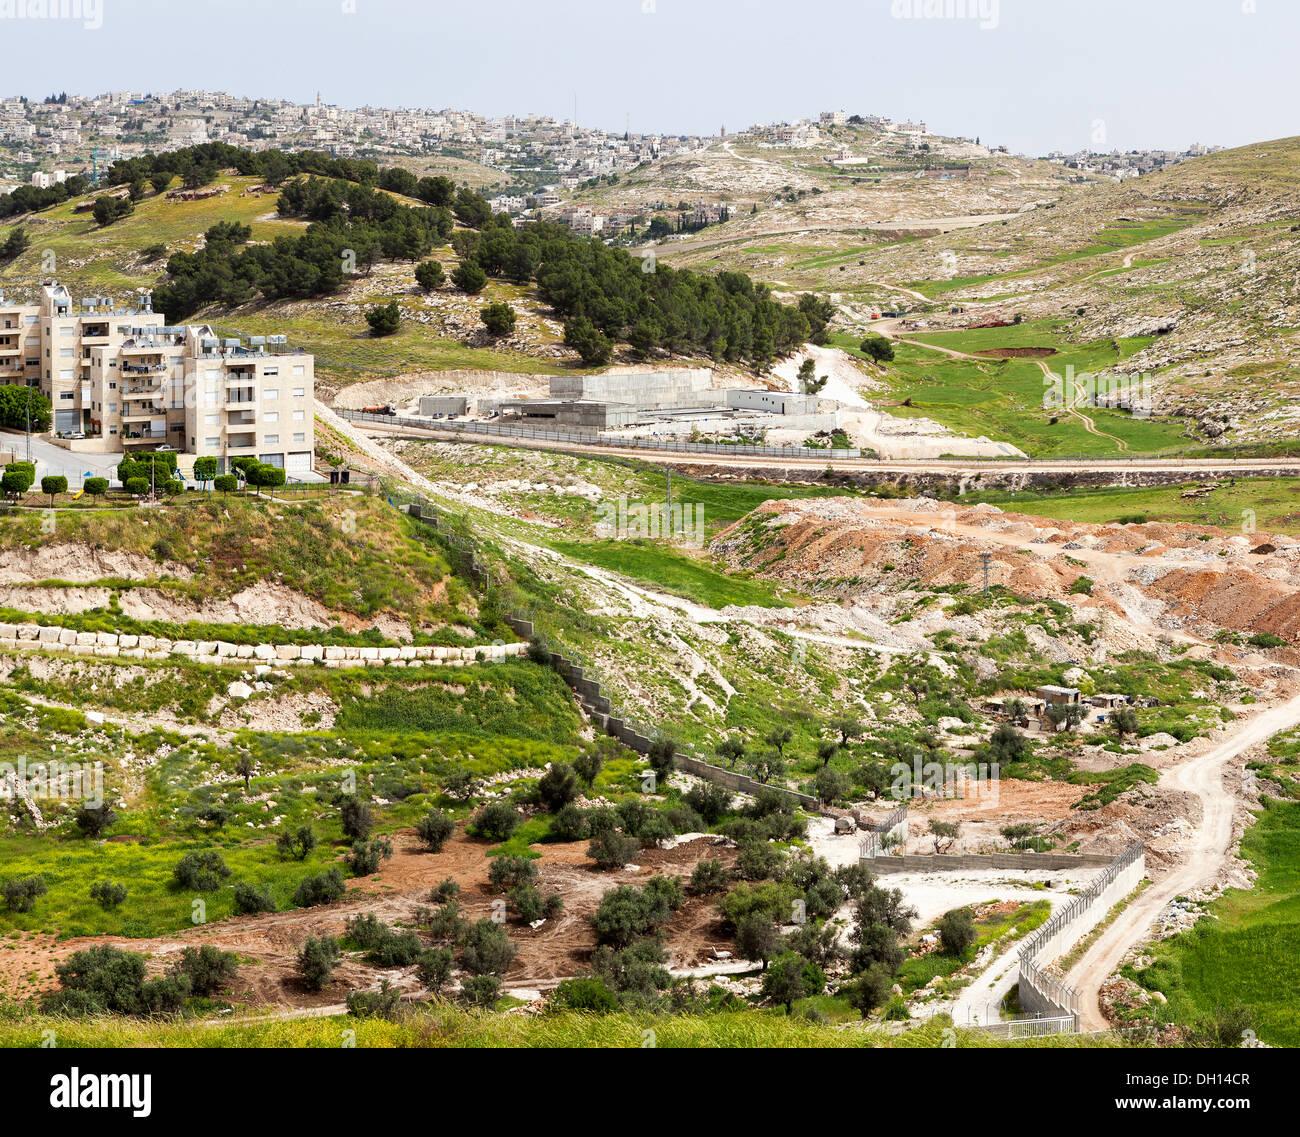 Bethlehem in the Holy Land - Stock Image